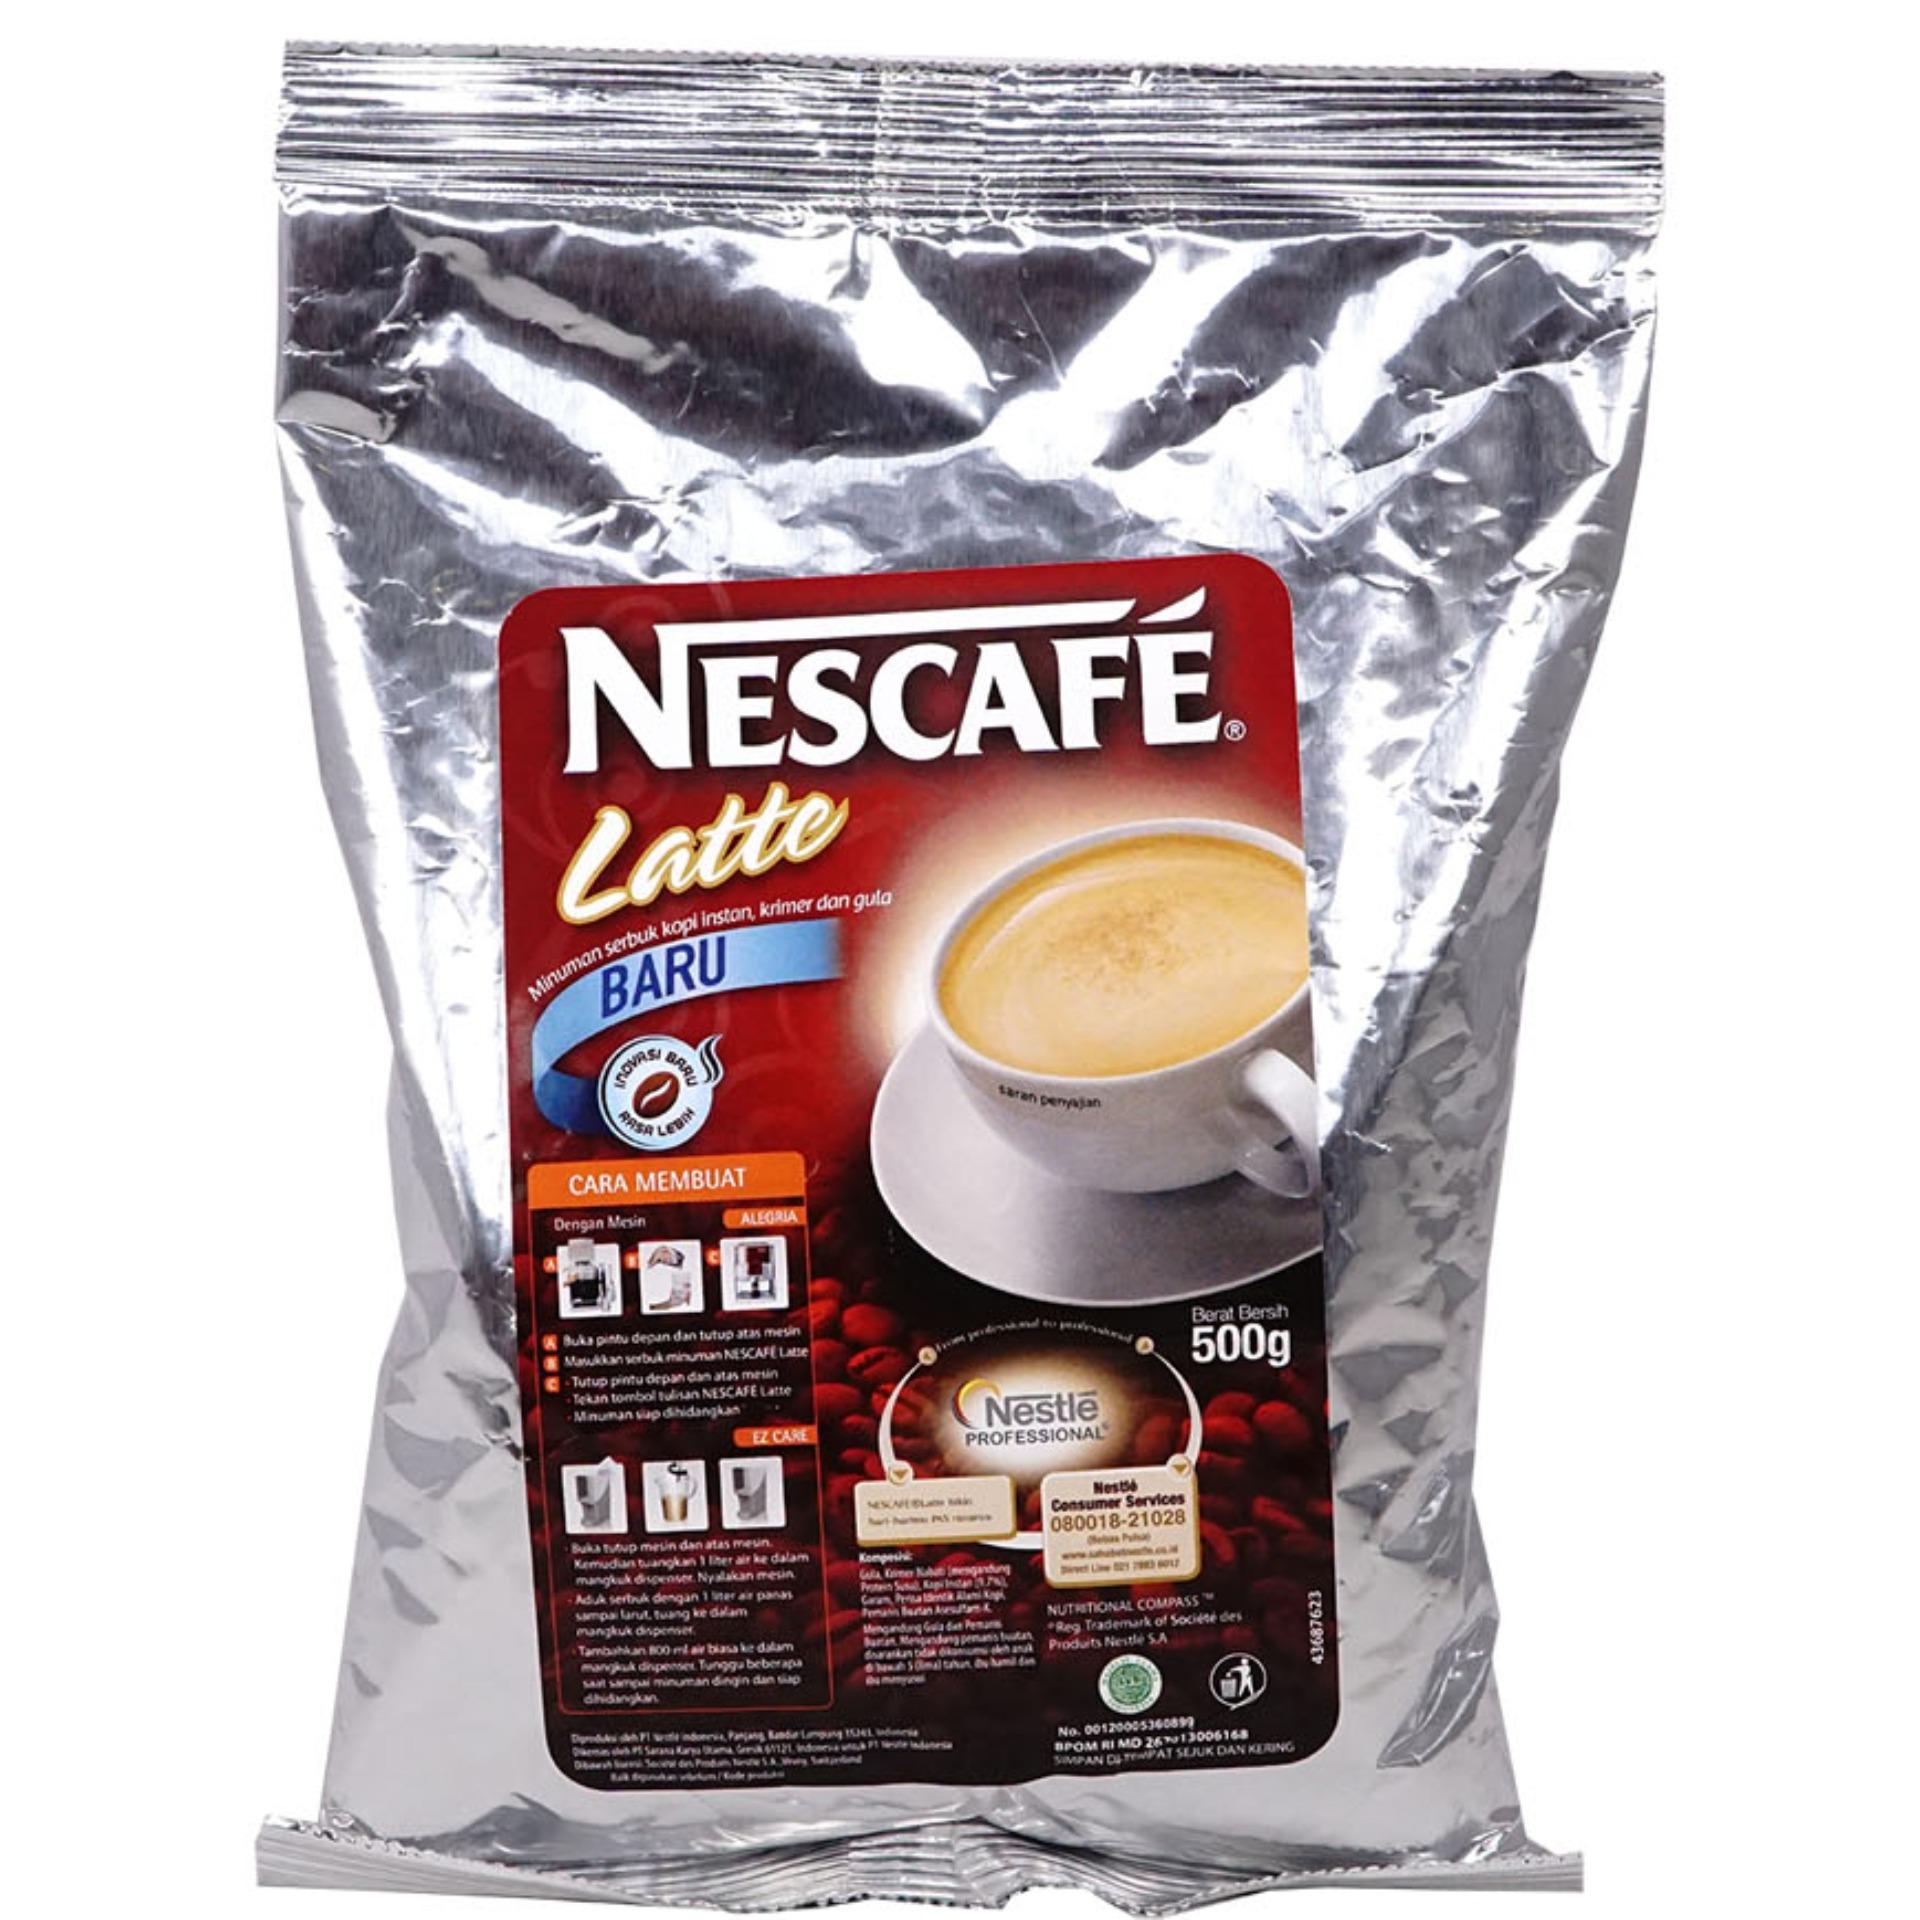 Nescafe Latte 500Gr